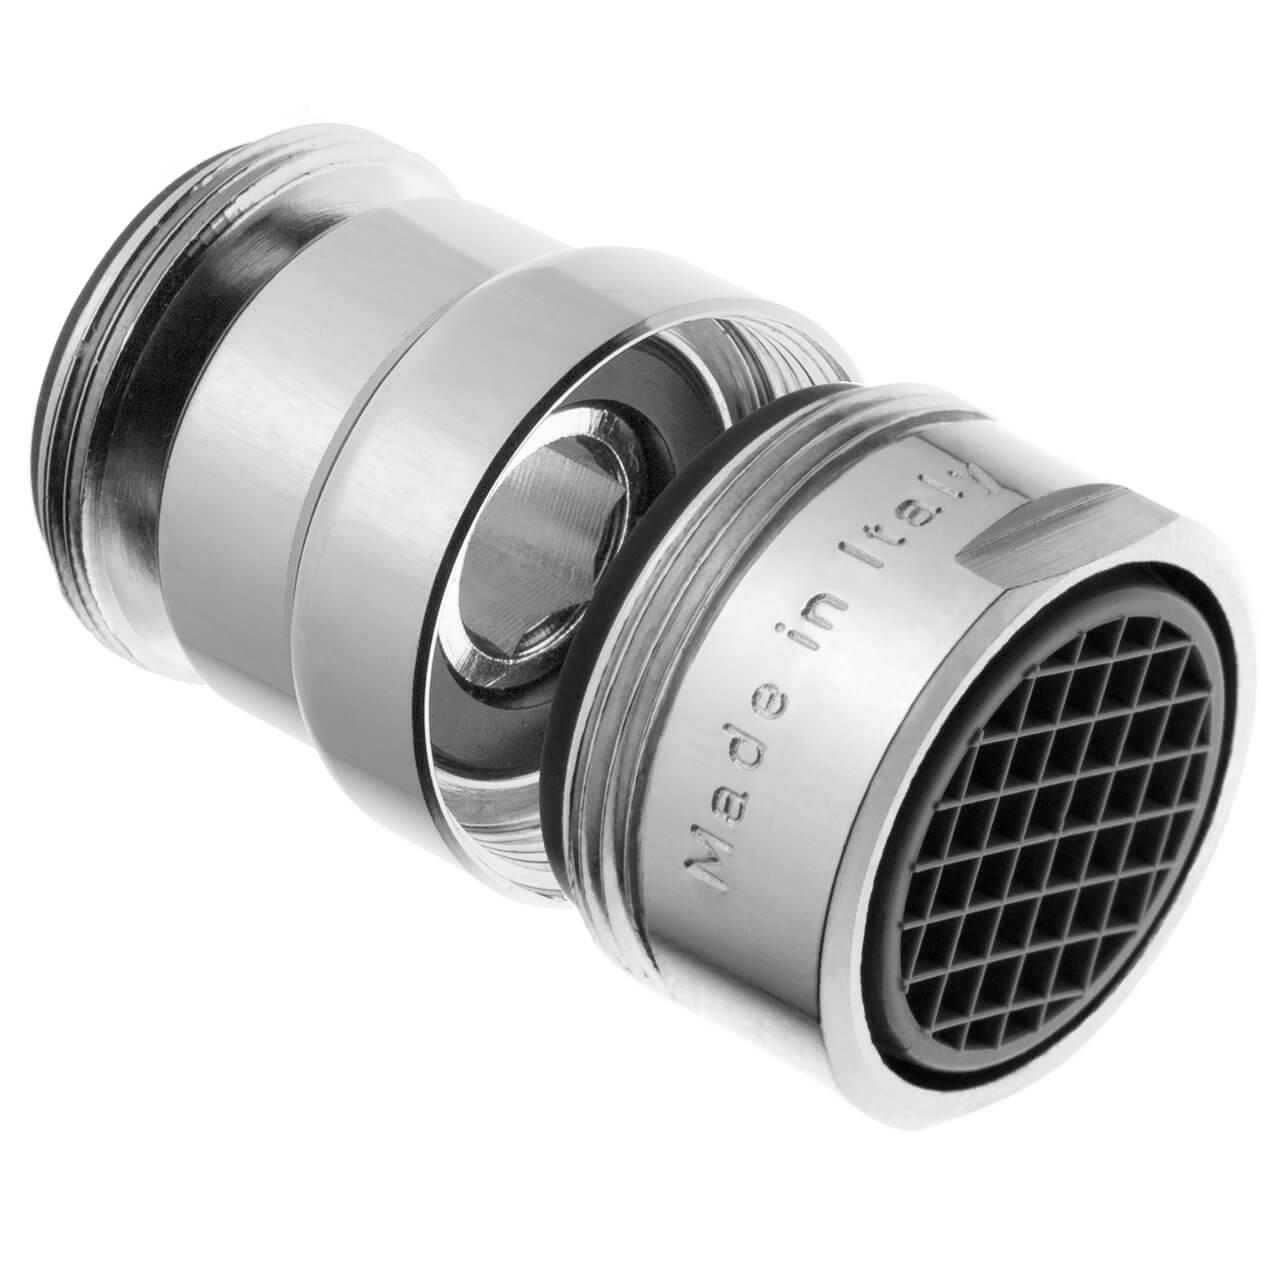 Kugelgelenk für Strahlregler Terla FreeLime - Gewinde M24x1 äußerer - beliebtesten